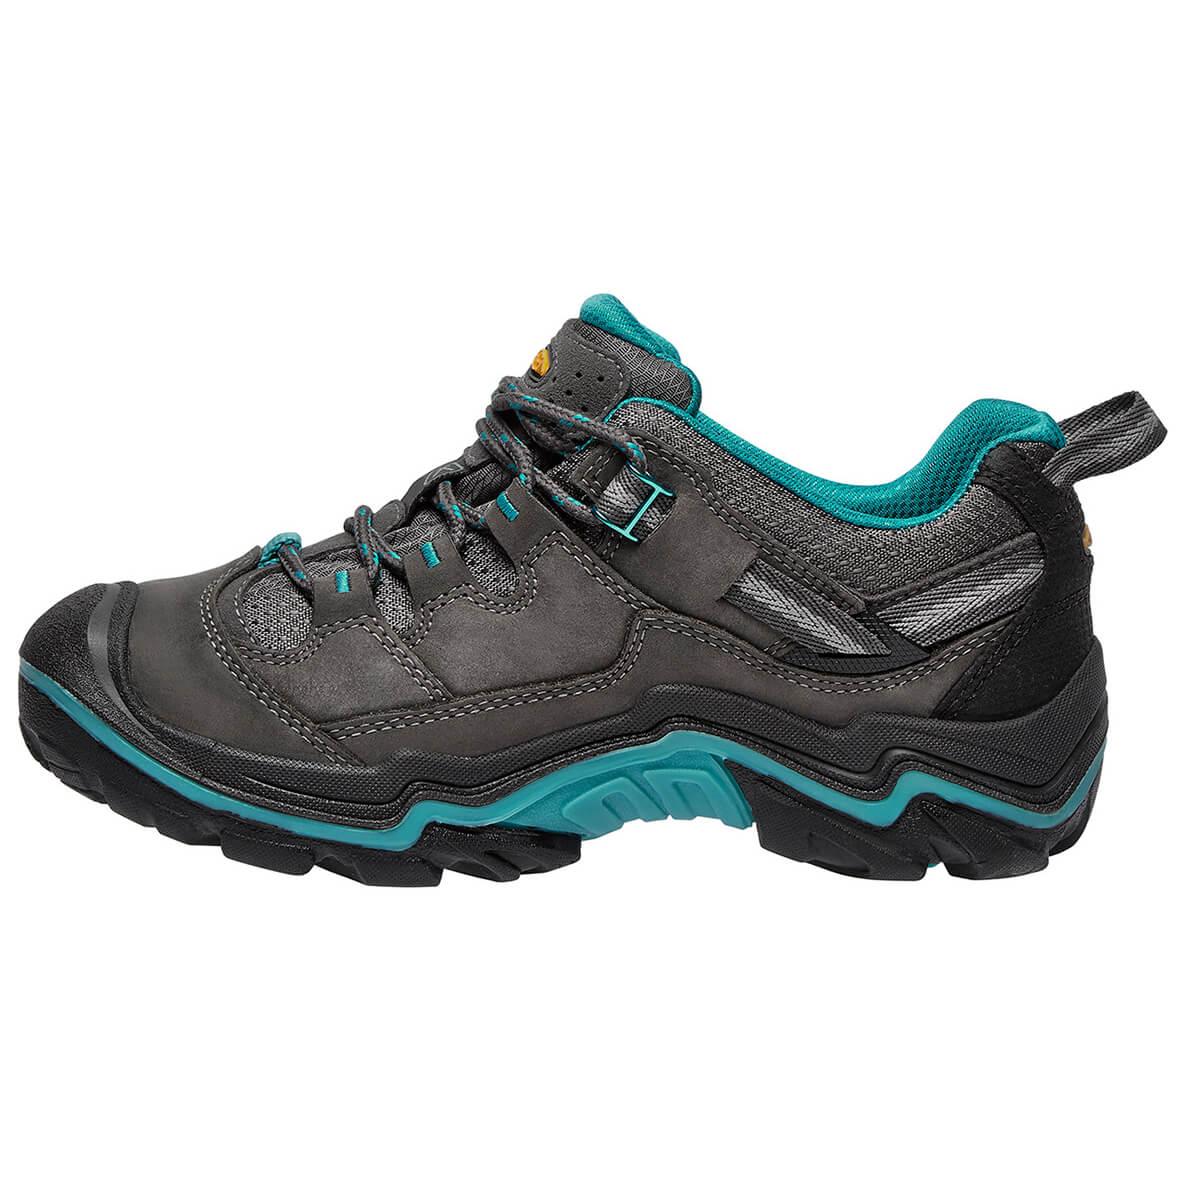 keen durand eu walking boots s buy